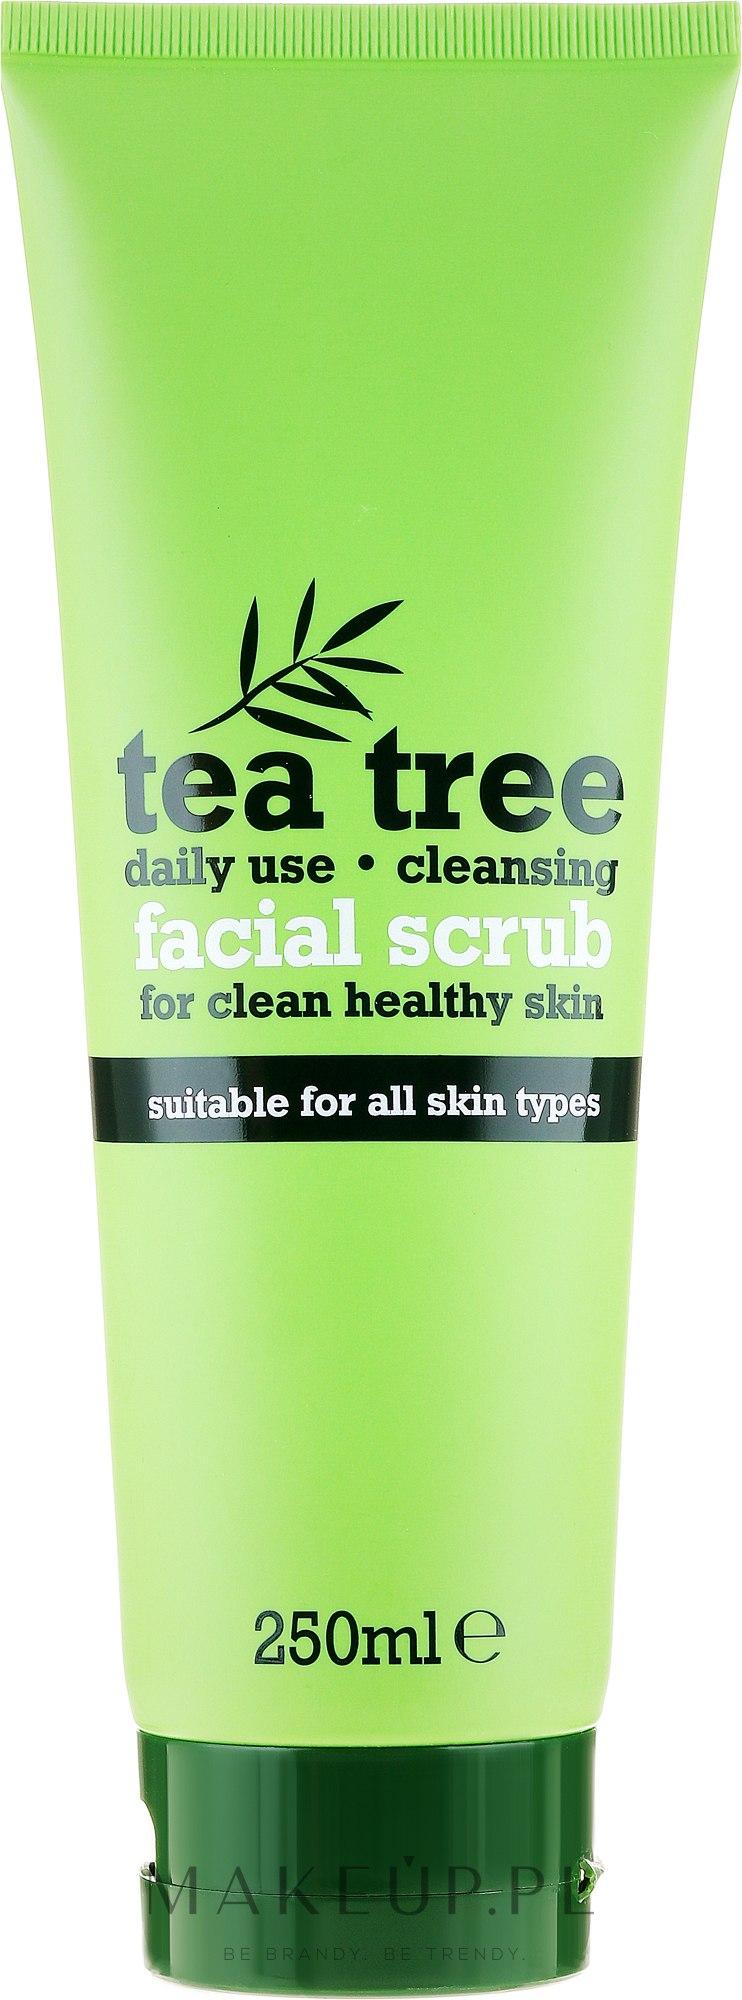 Oczyszczający peeling do twarzy Drzewo herbaciane - Xpel Marketing Ltd Tea Tree Facial Scrub — фото 250 ml